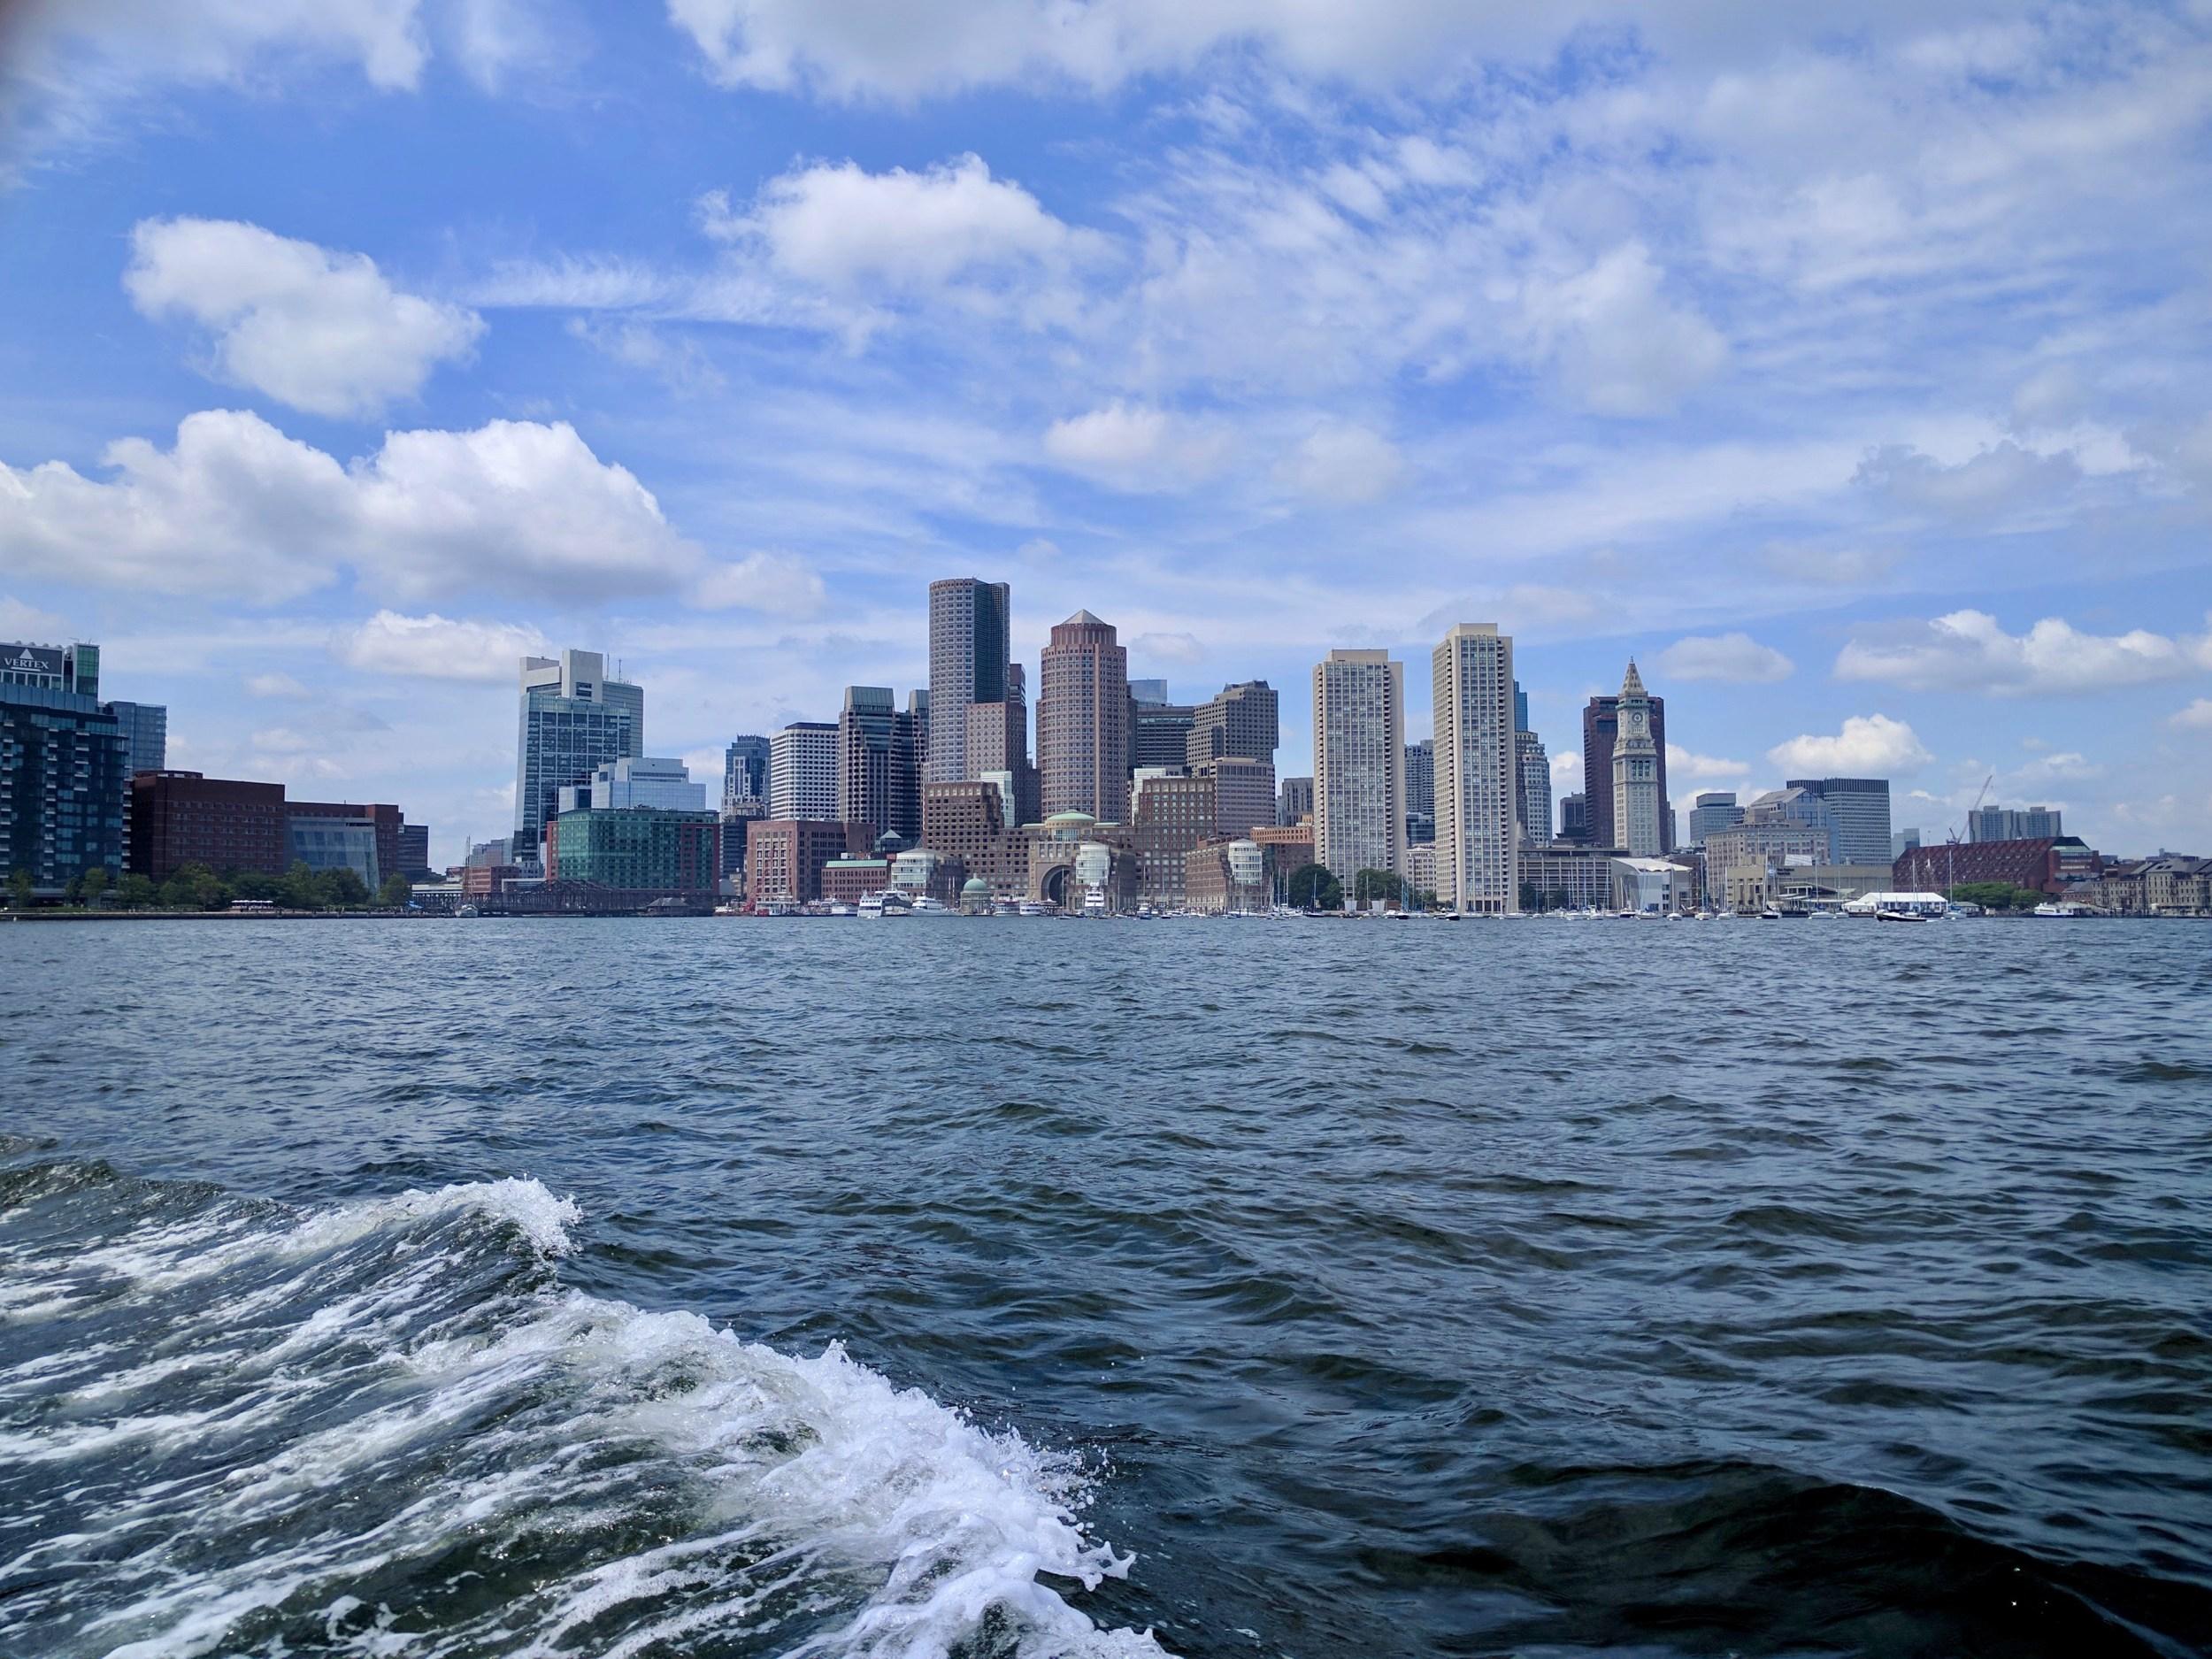 グルメと芸術を楽しむボストン秋のある日の休日